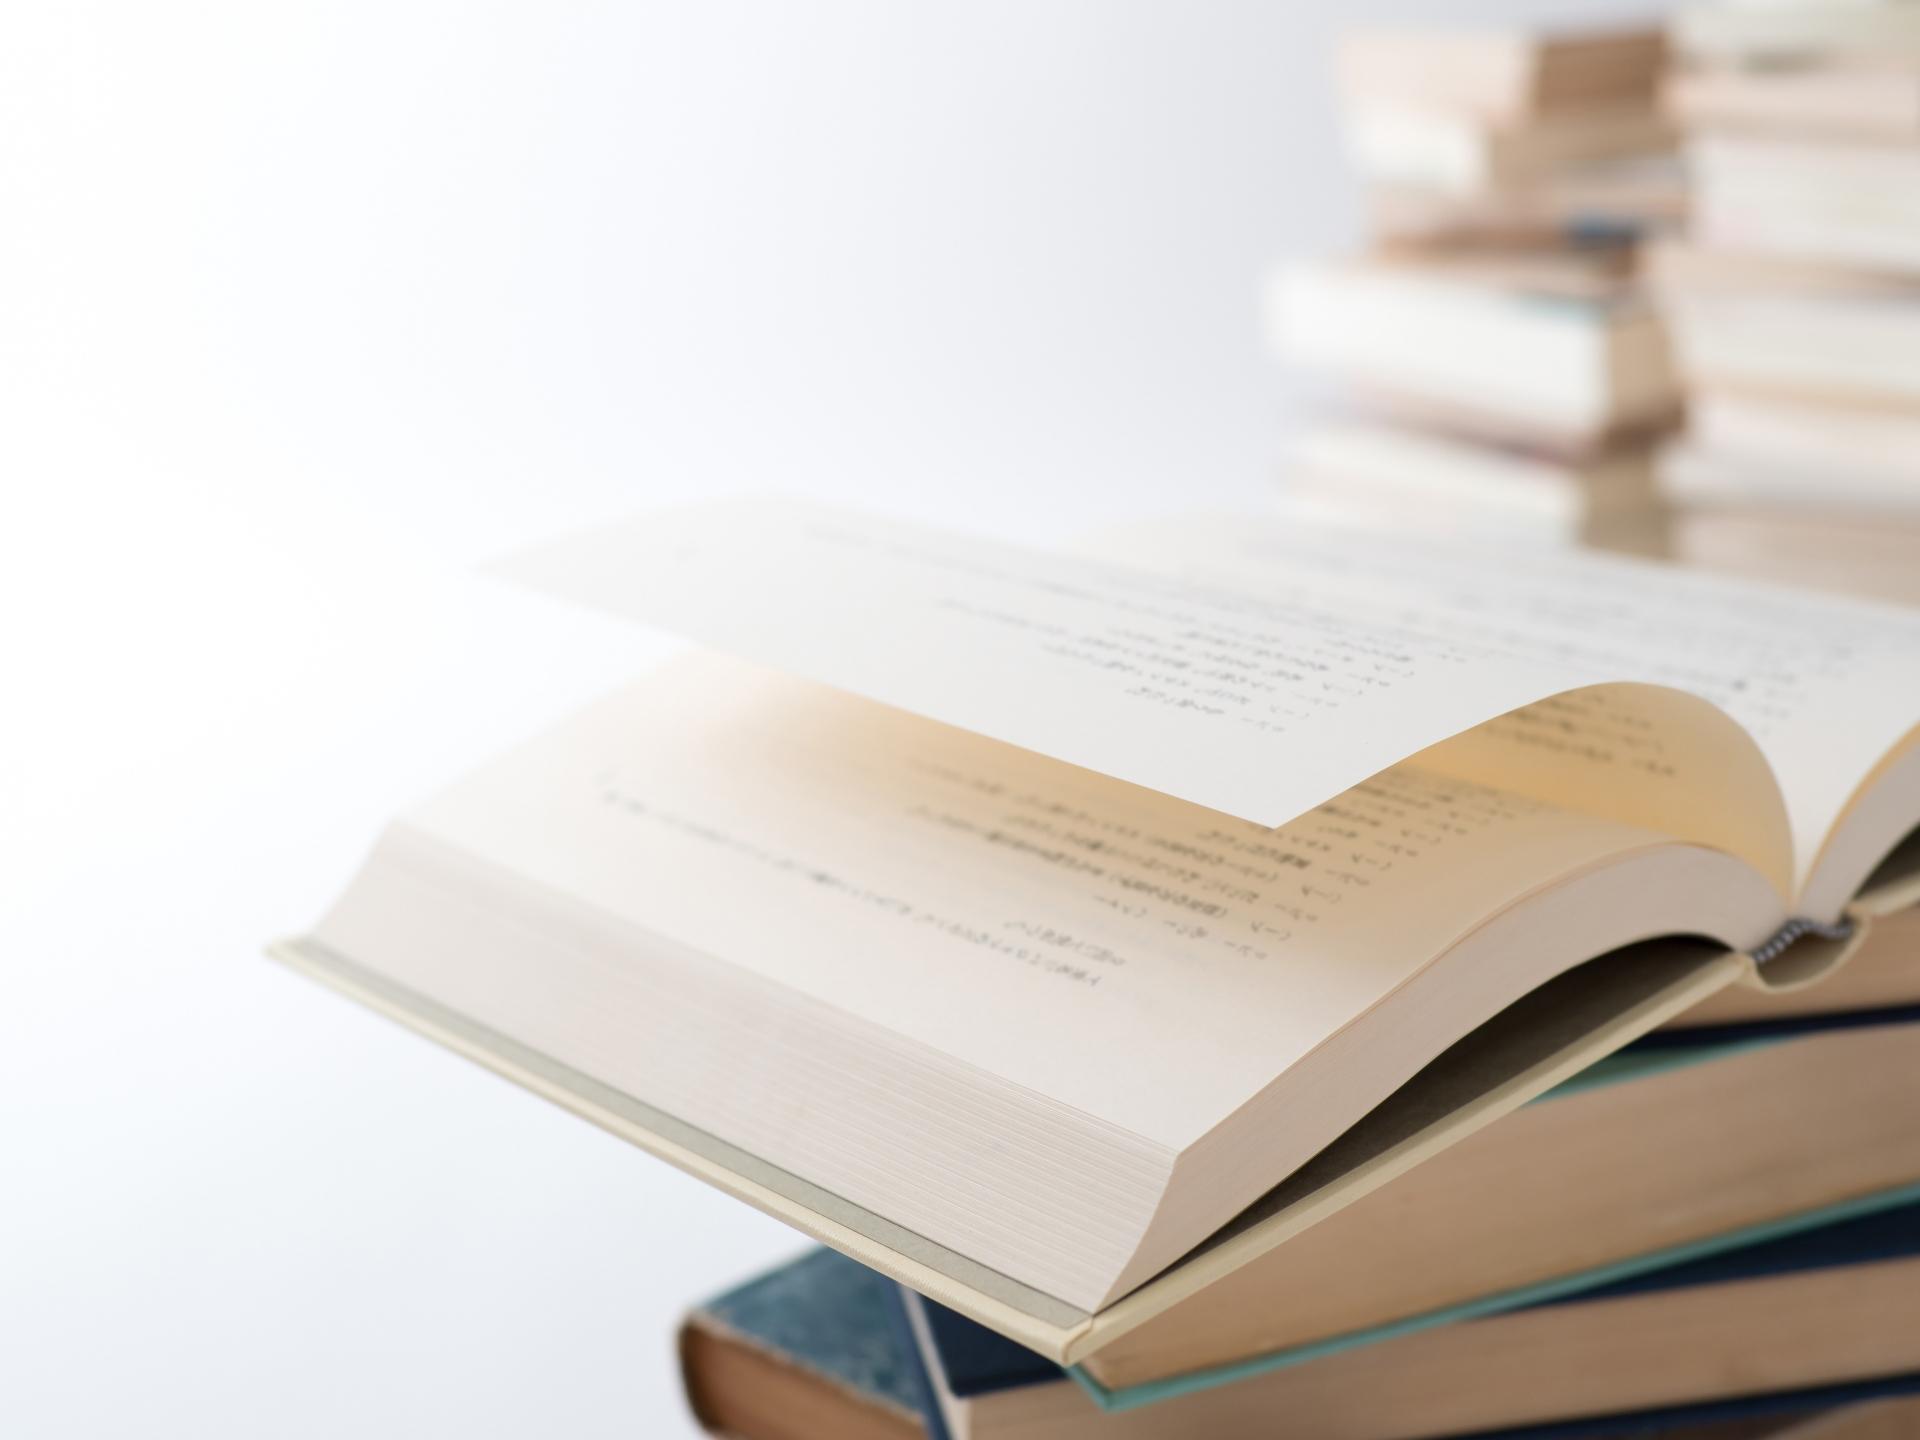 重ねられた本の上で開かれている本